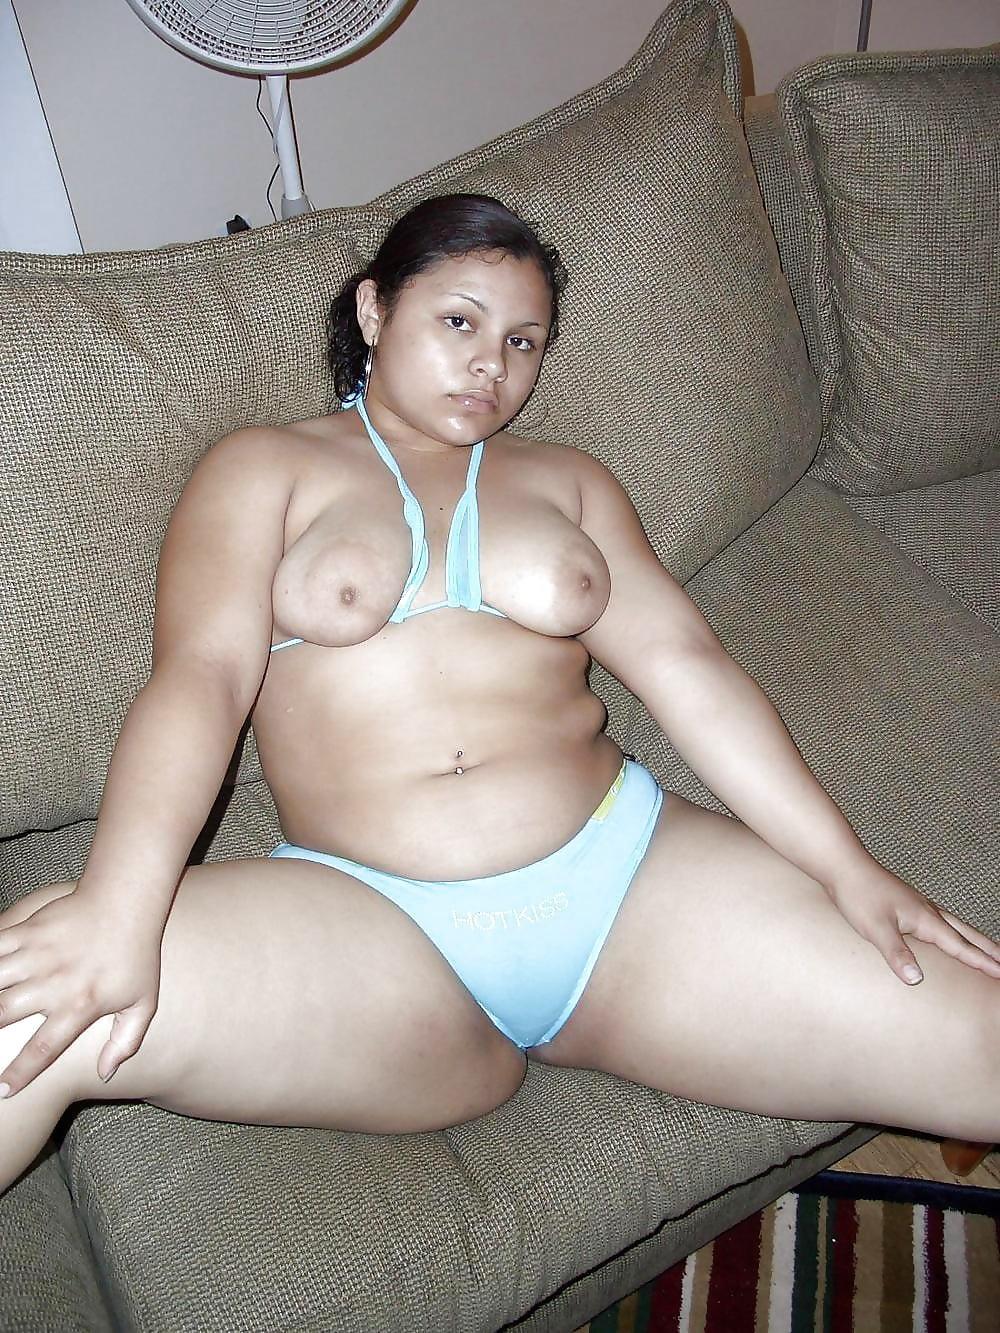 Chubby latinas nude, dork porn vids